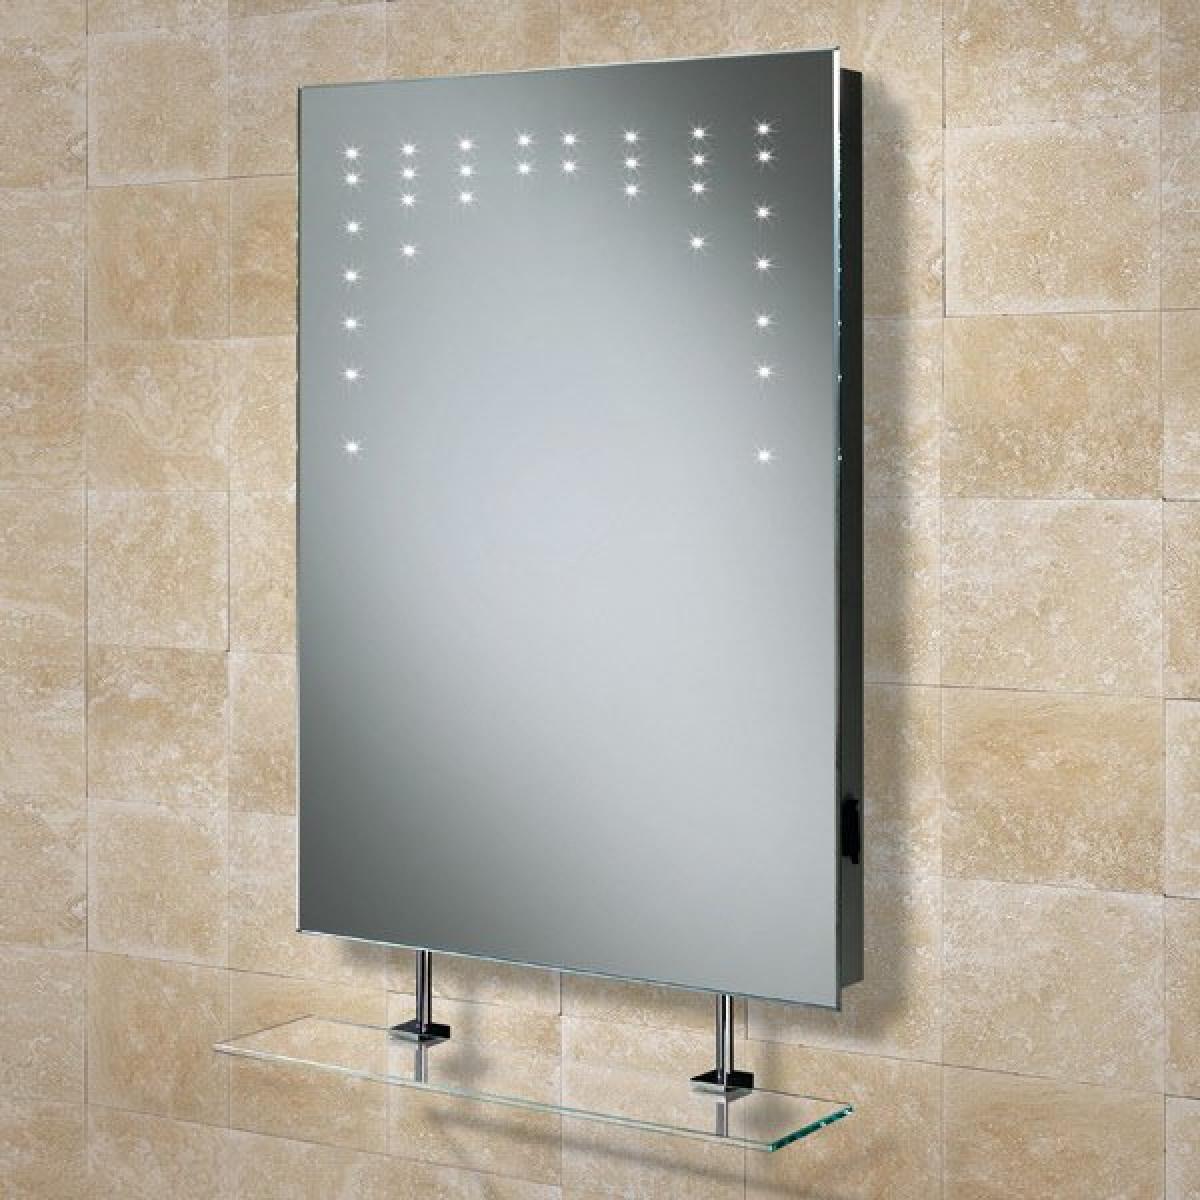 Hib rain illuminated led mirror with shaver socket for Illuminated mirrors